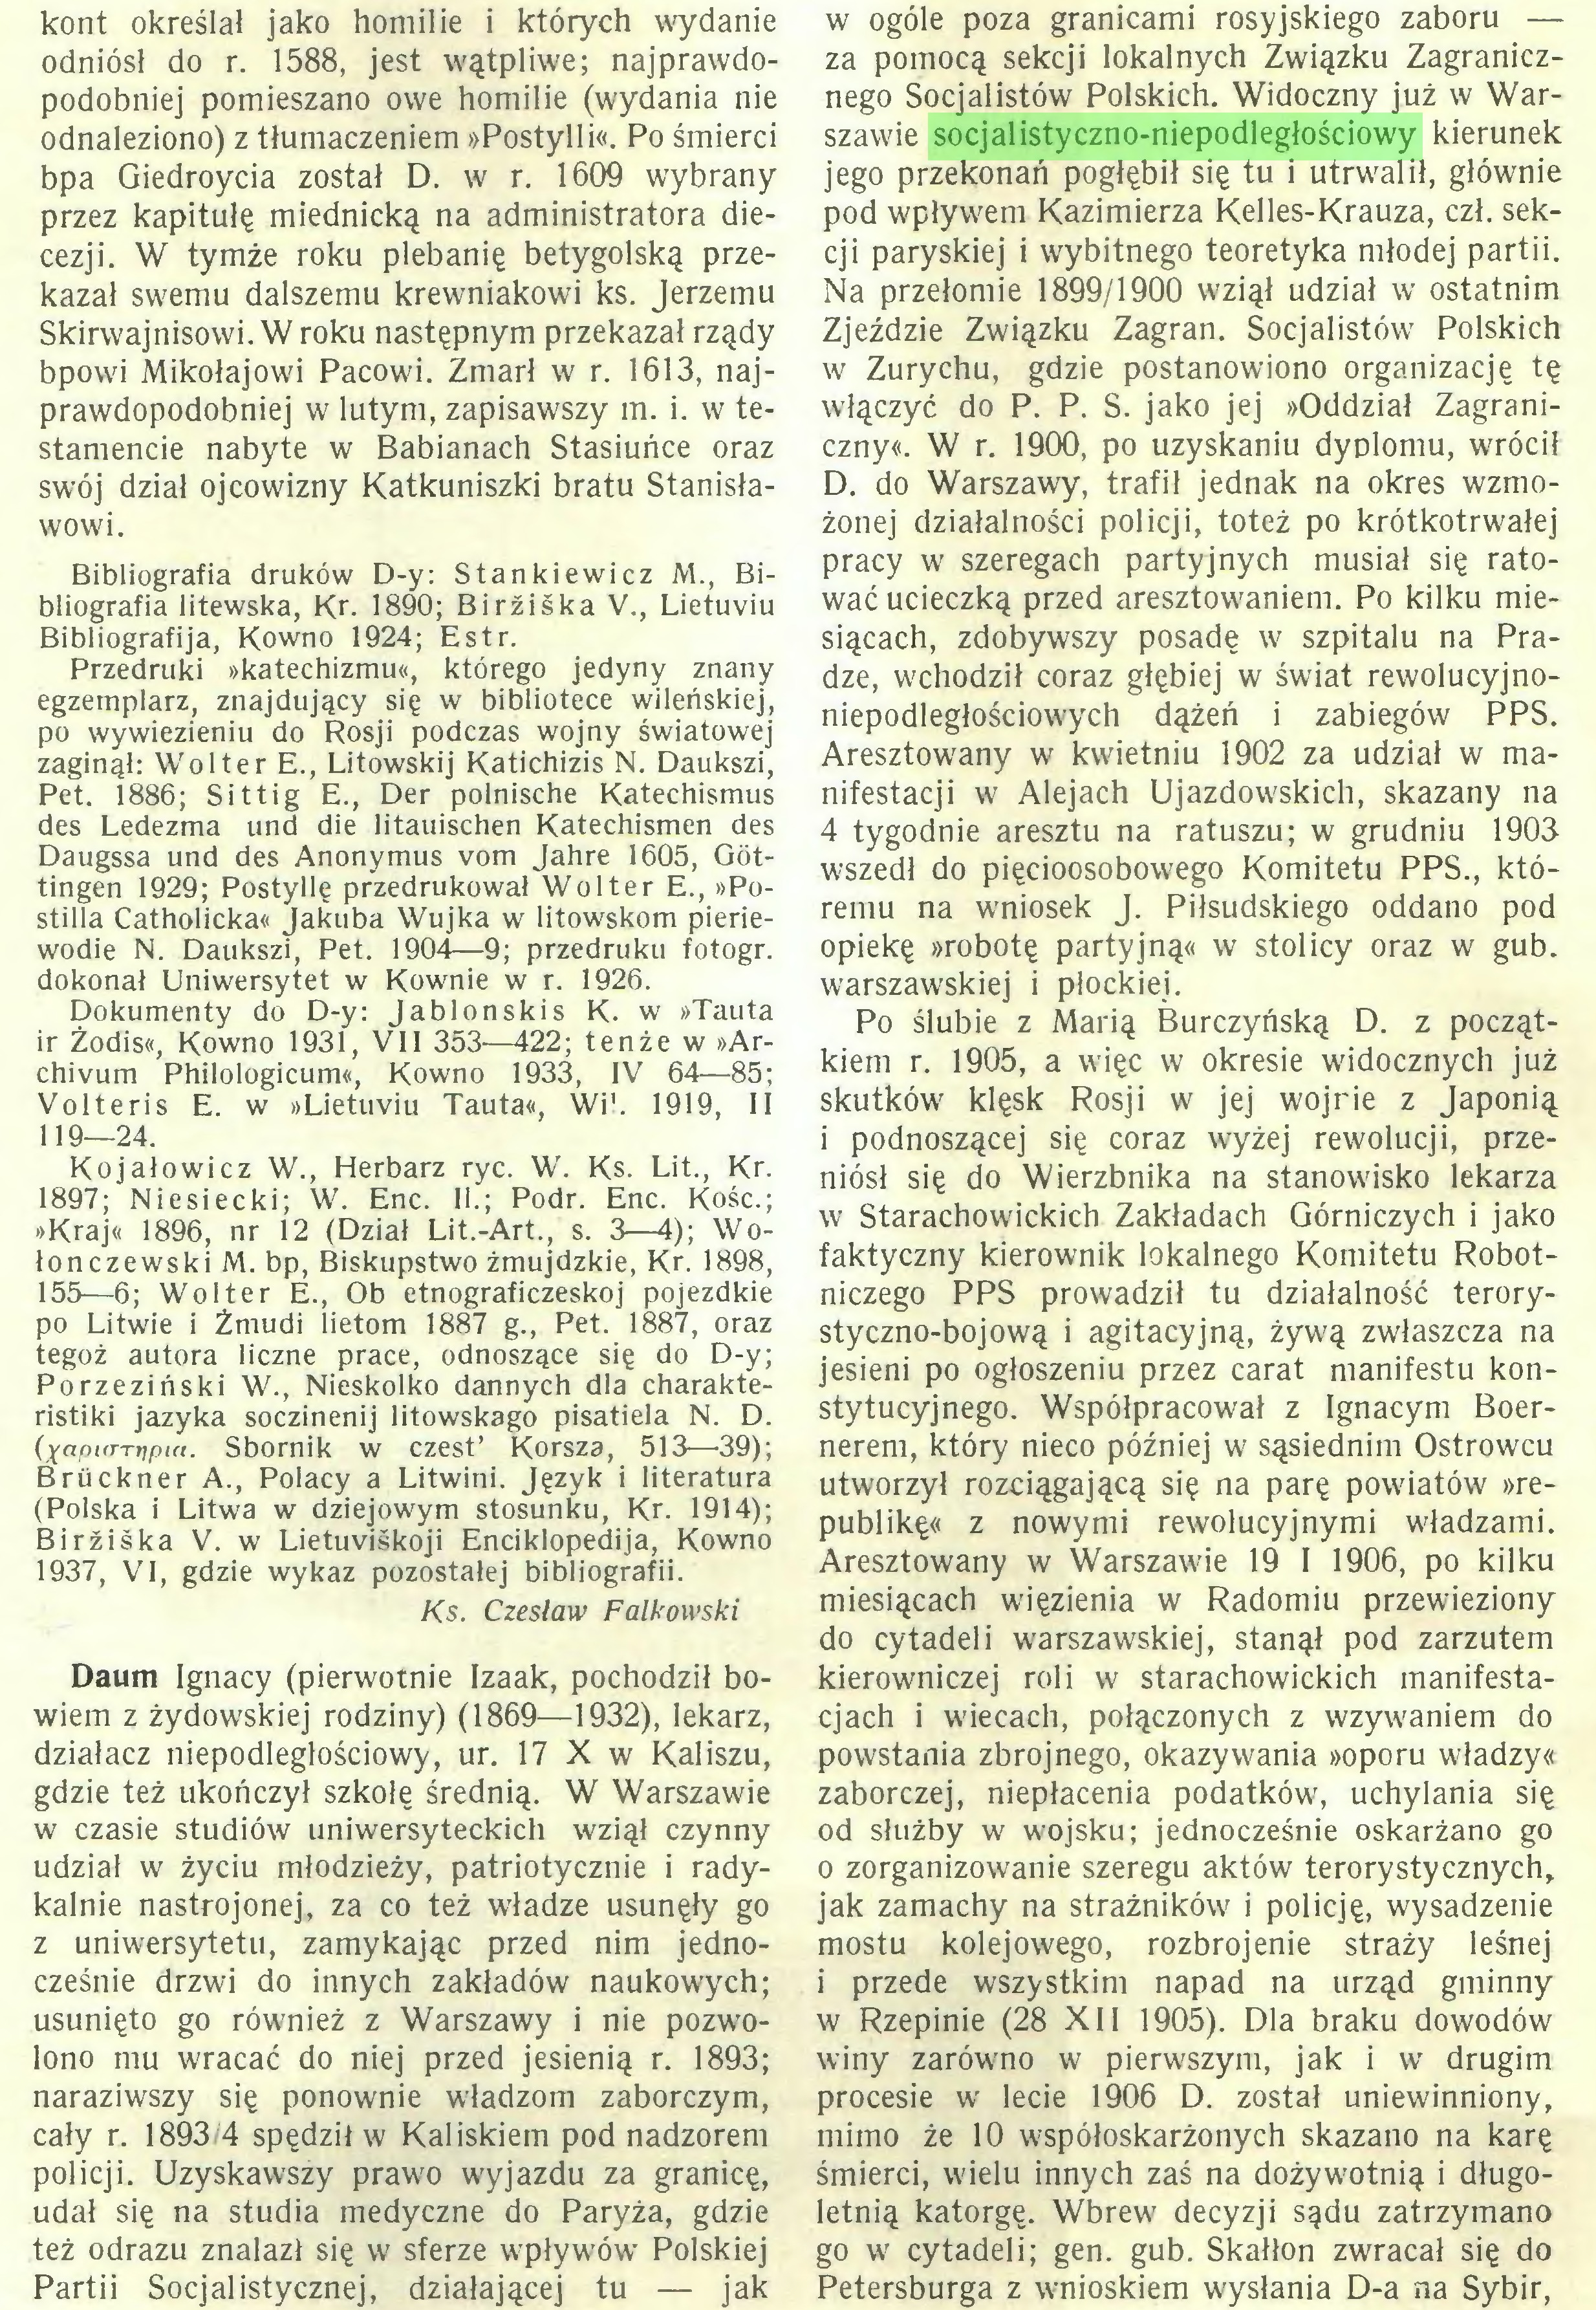 (...) policji. Uzyskawszy prawo wyjazdu za granicę, udał się na studia medyczne do Paryża, gdzie też odrazu znalazł się w sferze wpływów Polskiej Partii Socjalistycznej, działającej tu — jak w ogóle poza granicami rosyjskiego zaboru — za pomocą sekcji lokalnych Związku Zagranicznego Socjalistów Polskich. Widoczny już w Warszawie socjalistyczno-niepodległościowy kierunek jego przekonań pogłębił się tu i utrwalił, głównie pod wpływem Kazimierza Kelles-Krauza, czł. sekcji paryskiej i wybitnego teoretyka młodej partii...